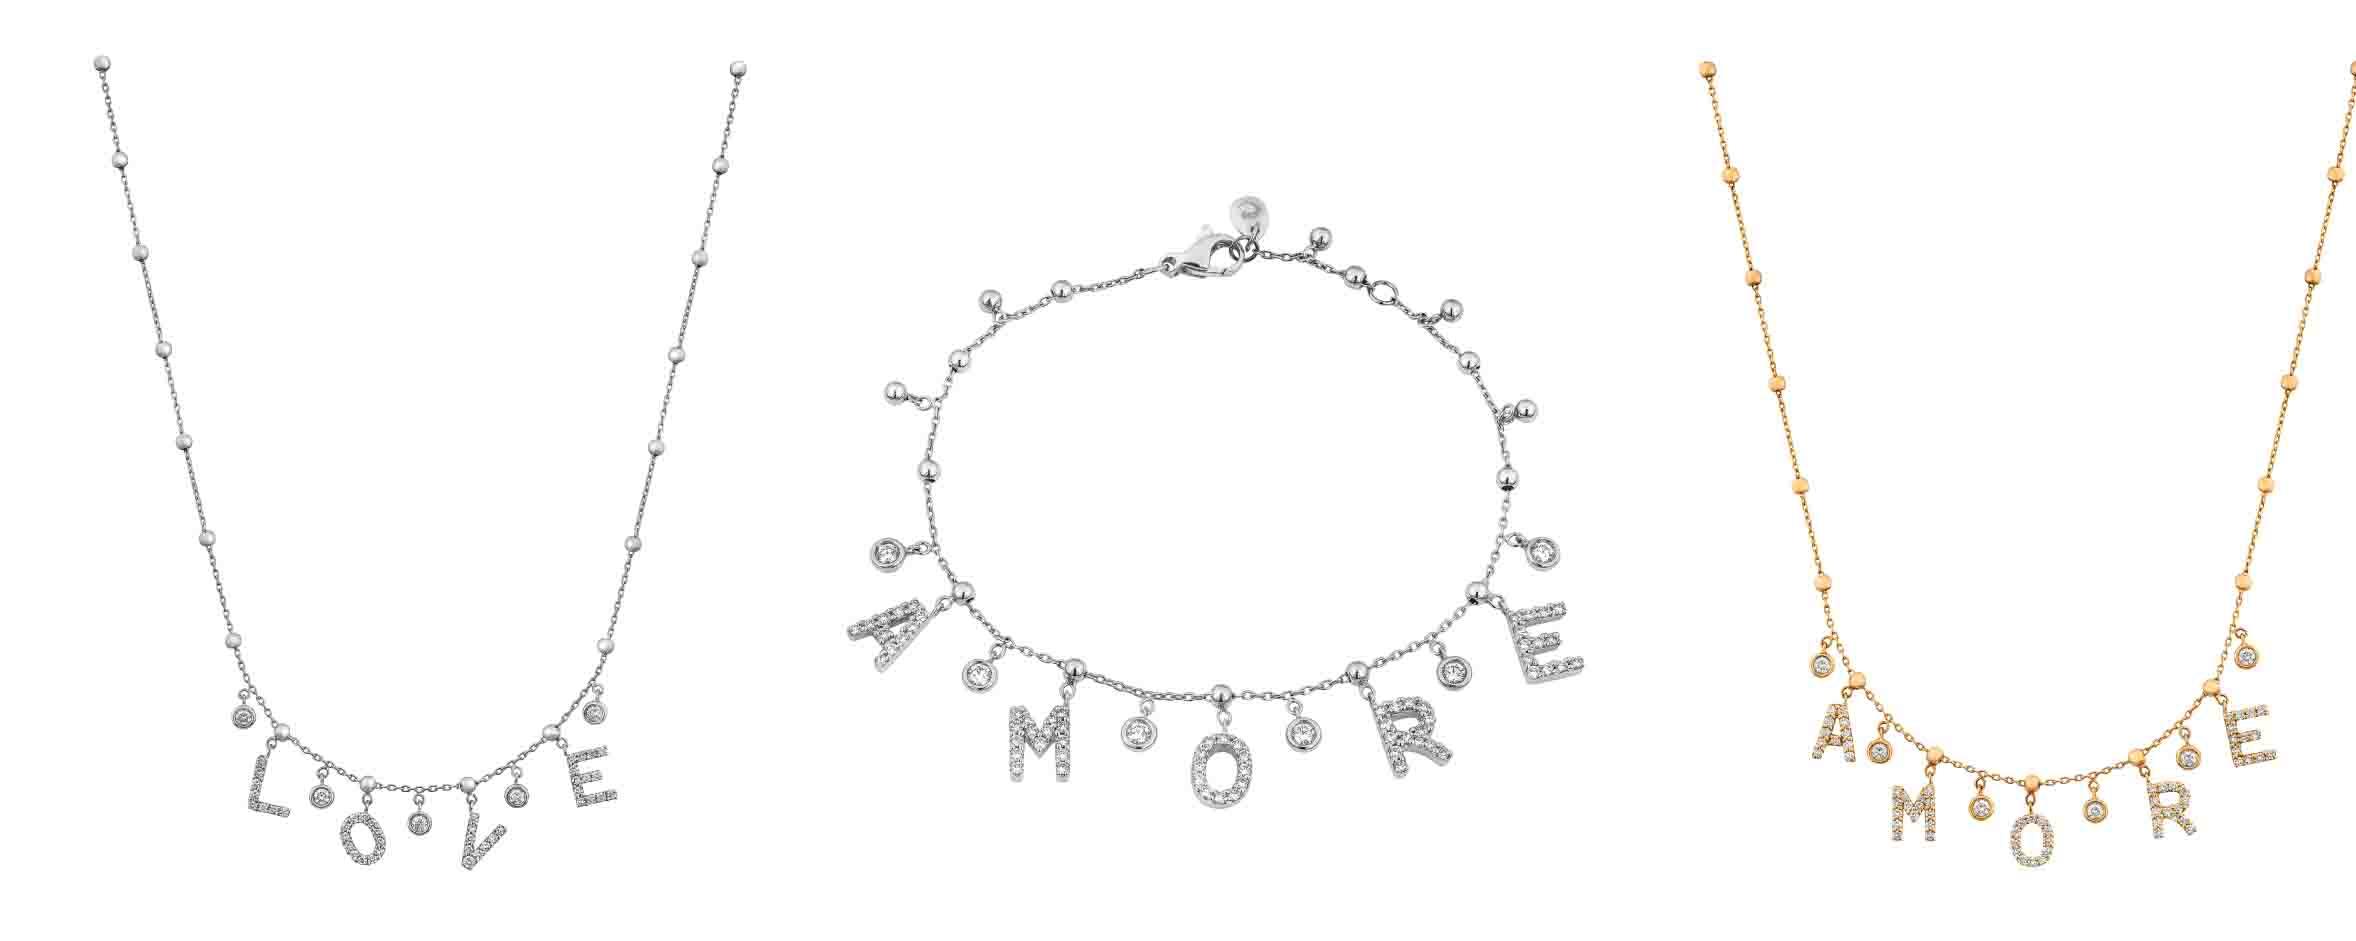 Berger Amore, la colección de joyas ideal para demostrar tu amor por ella